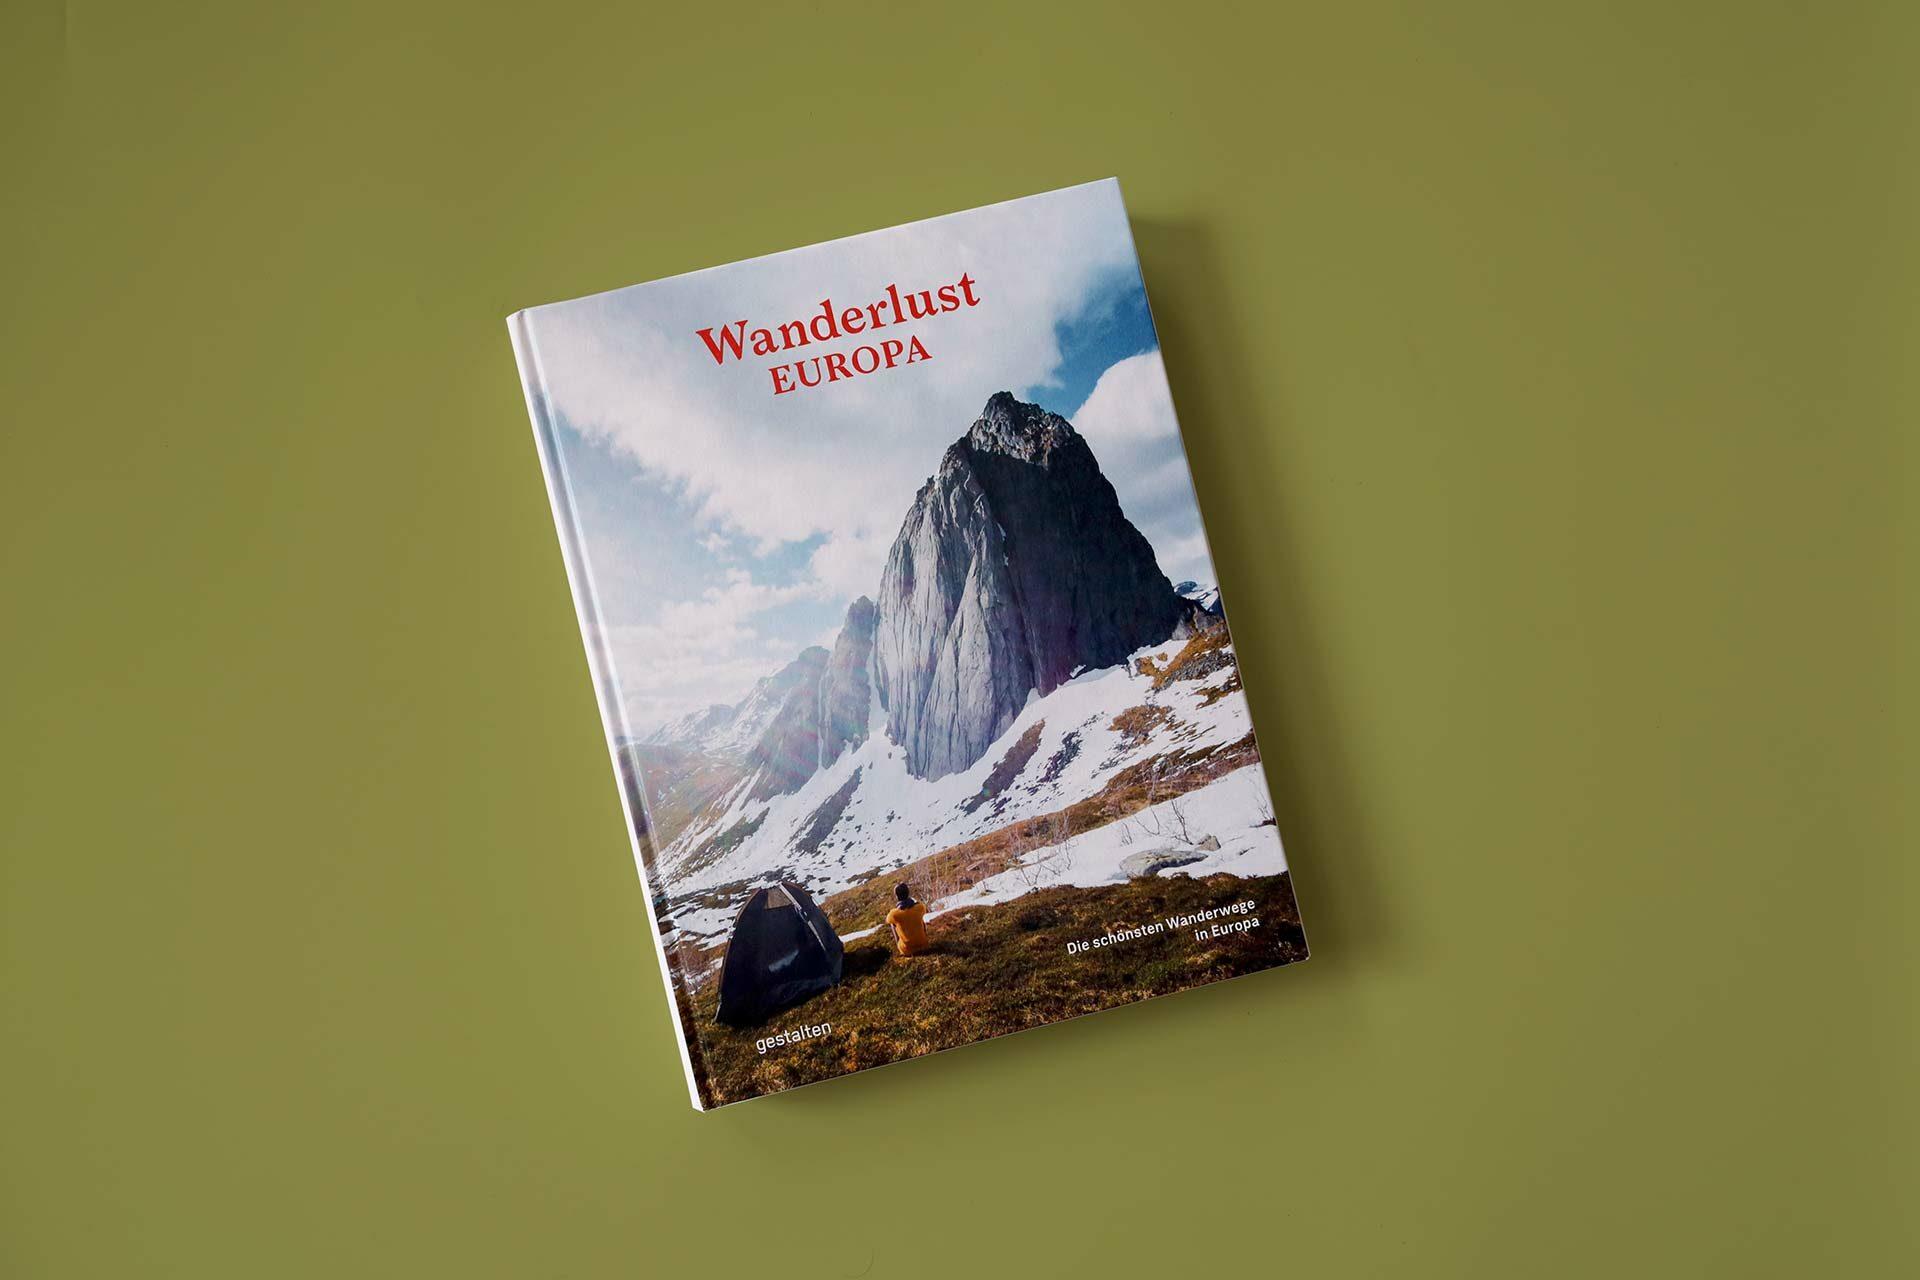 Fernwandern heißt Wanderlust auf Europa – Cover des Buchs aus dem Gestalten Verlag